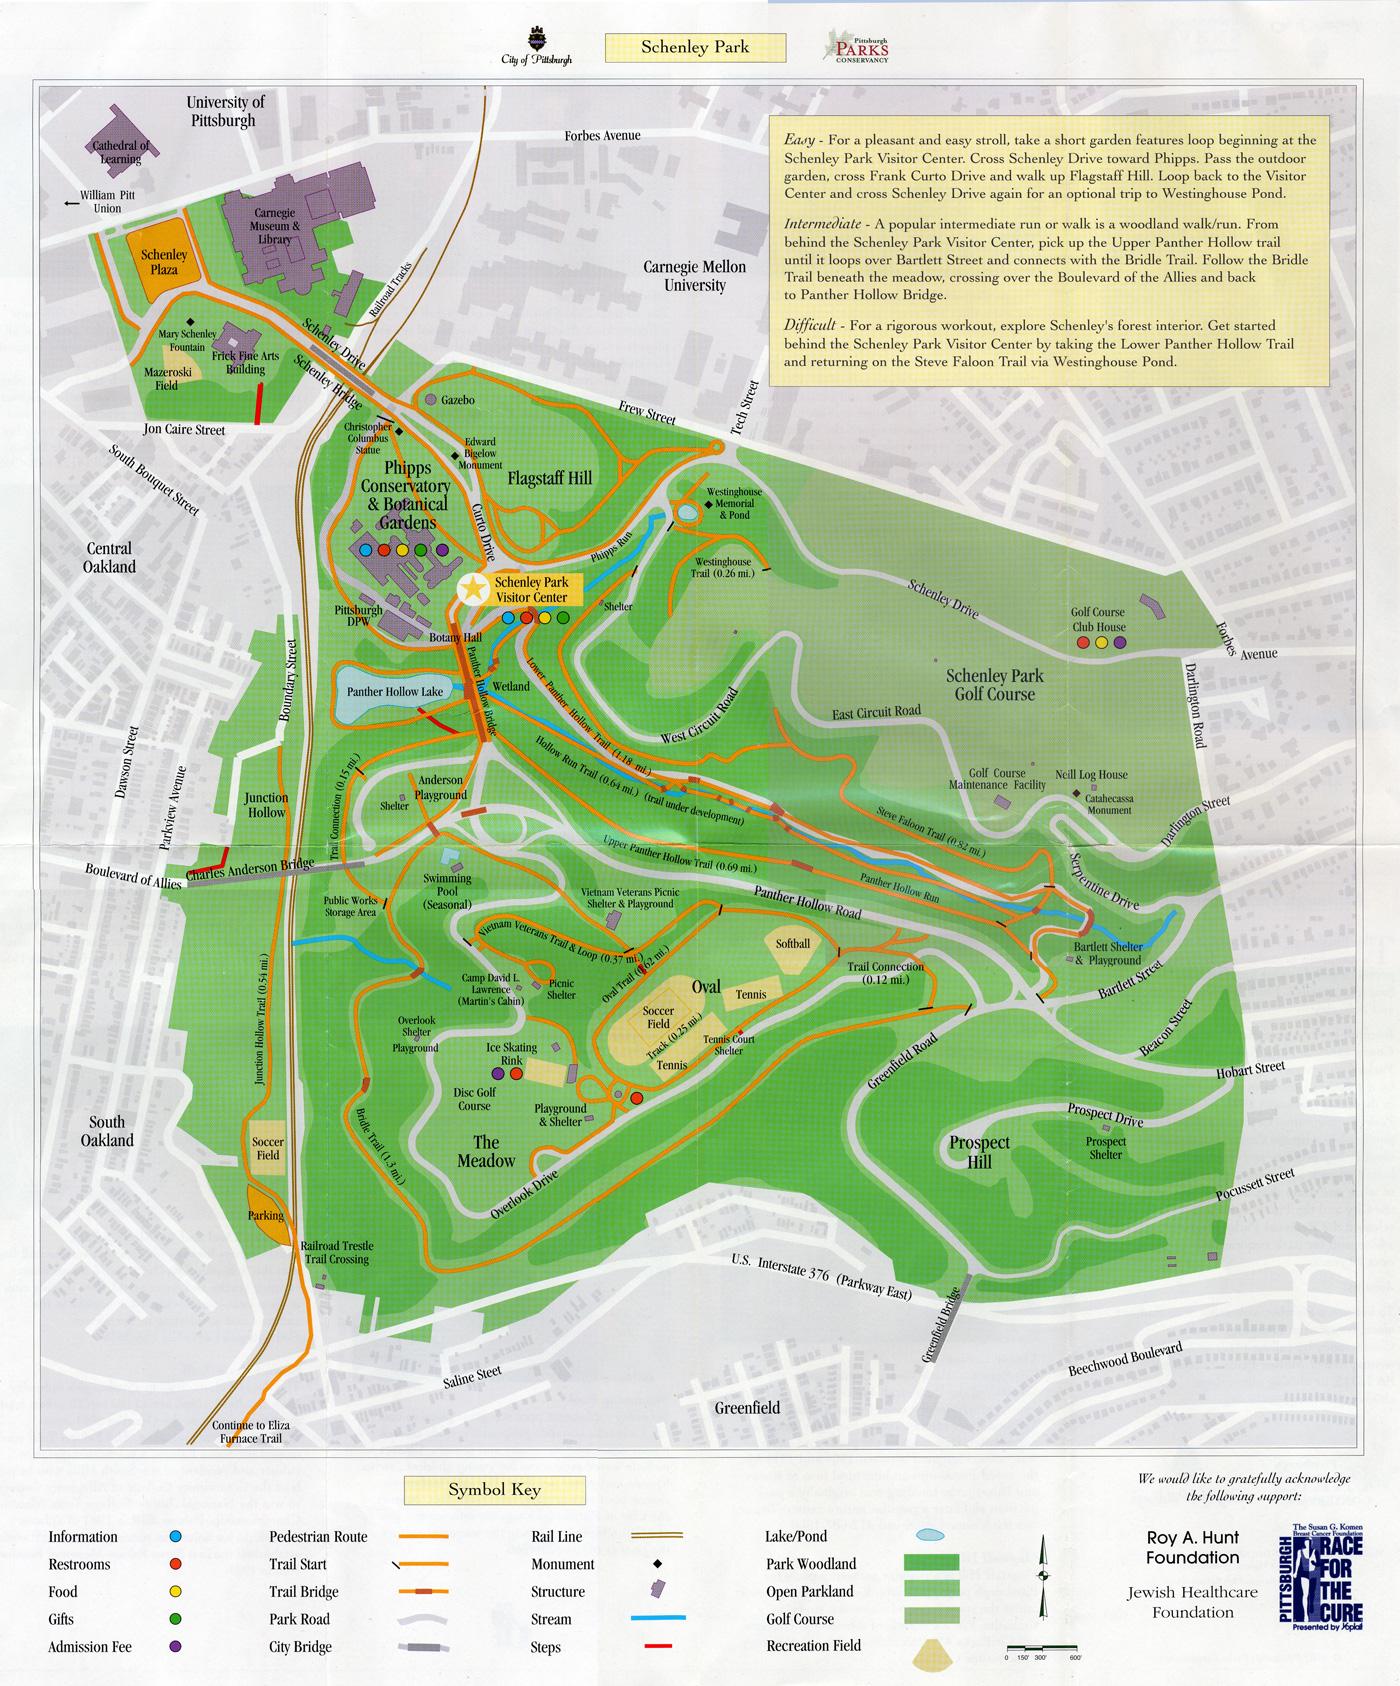 Schenley Park Map Schenley Park Map